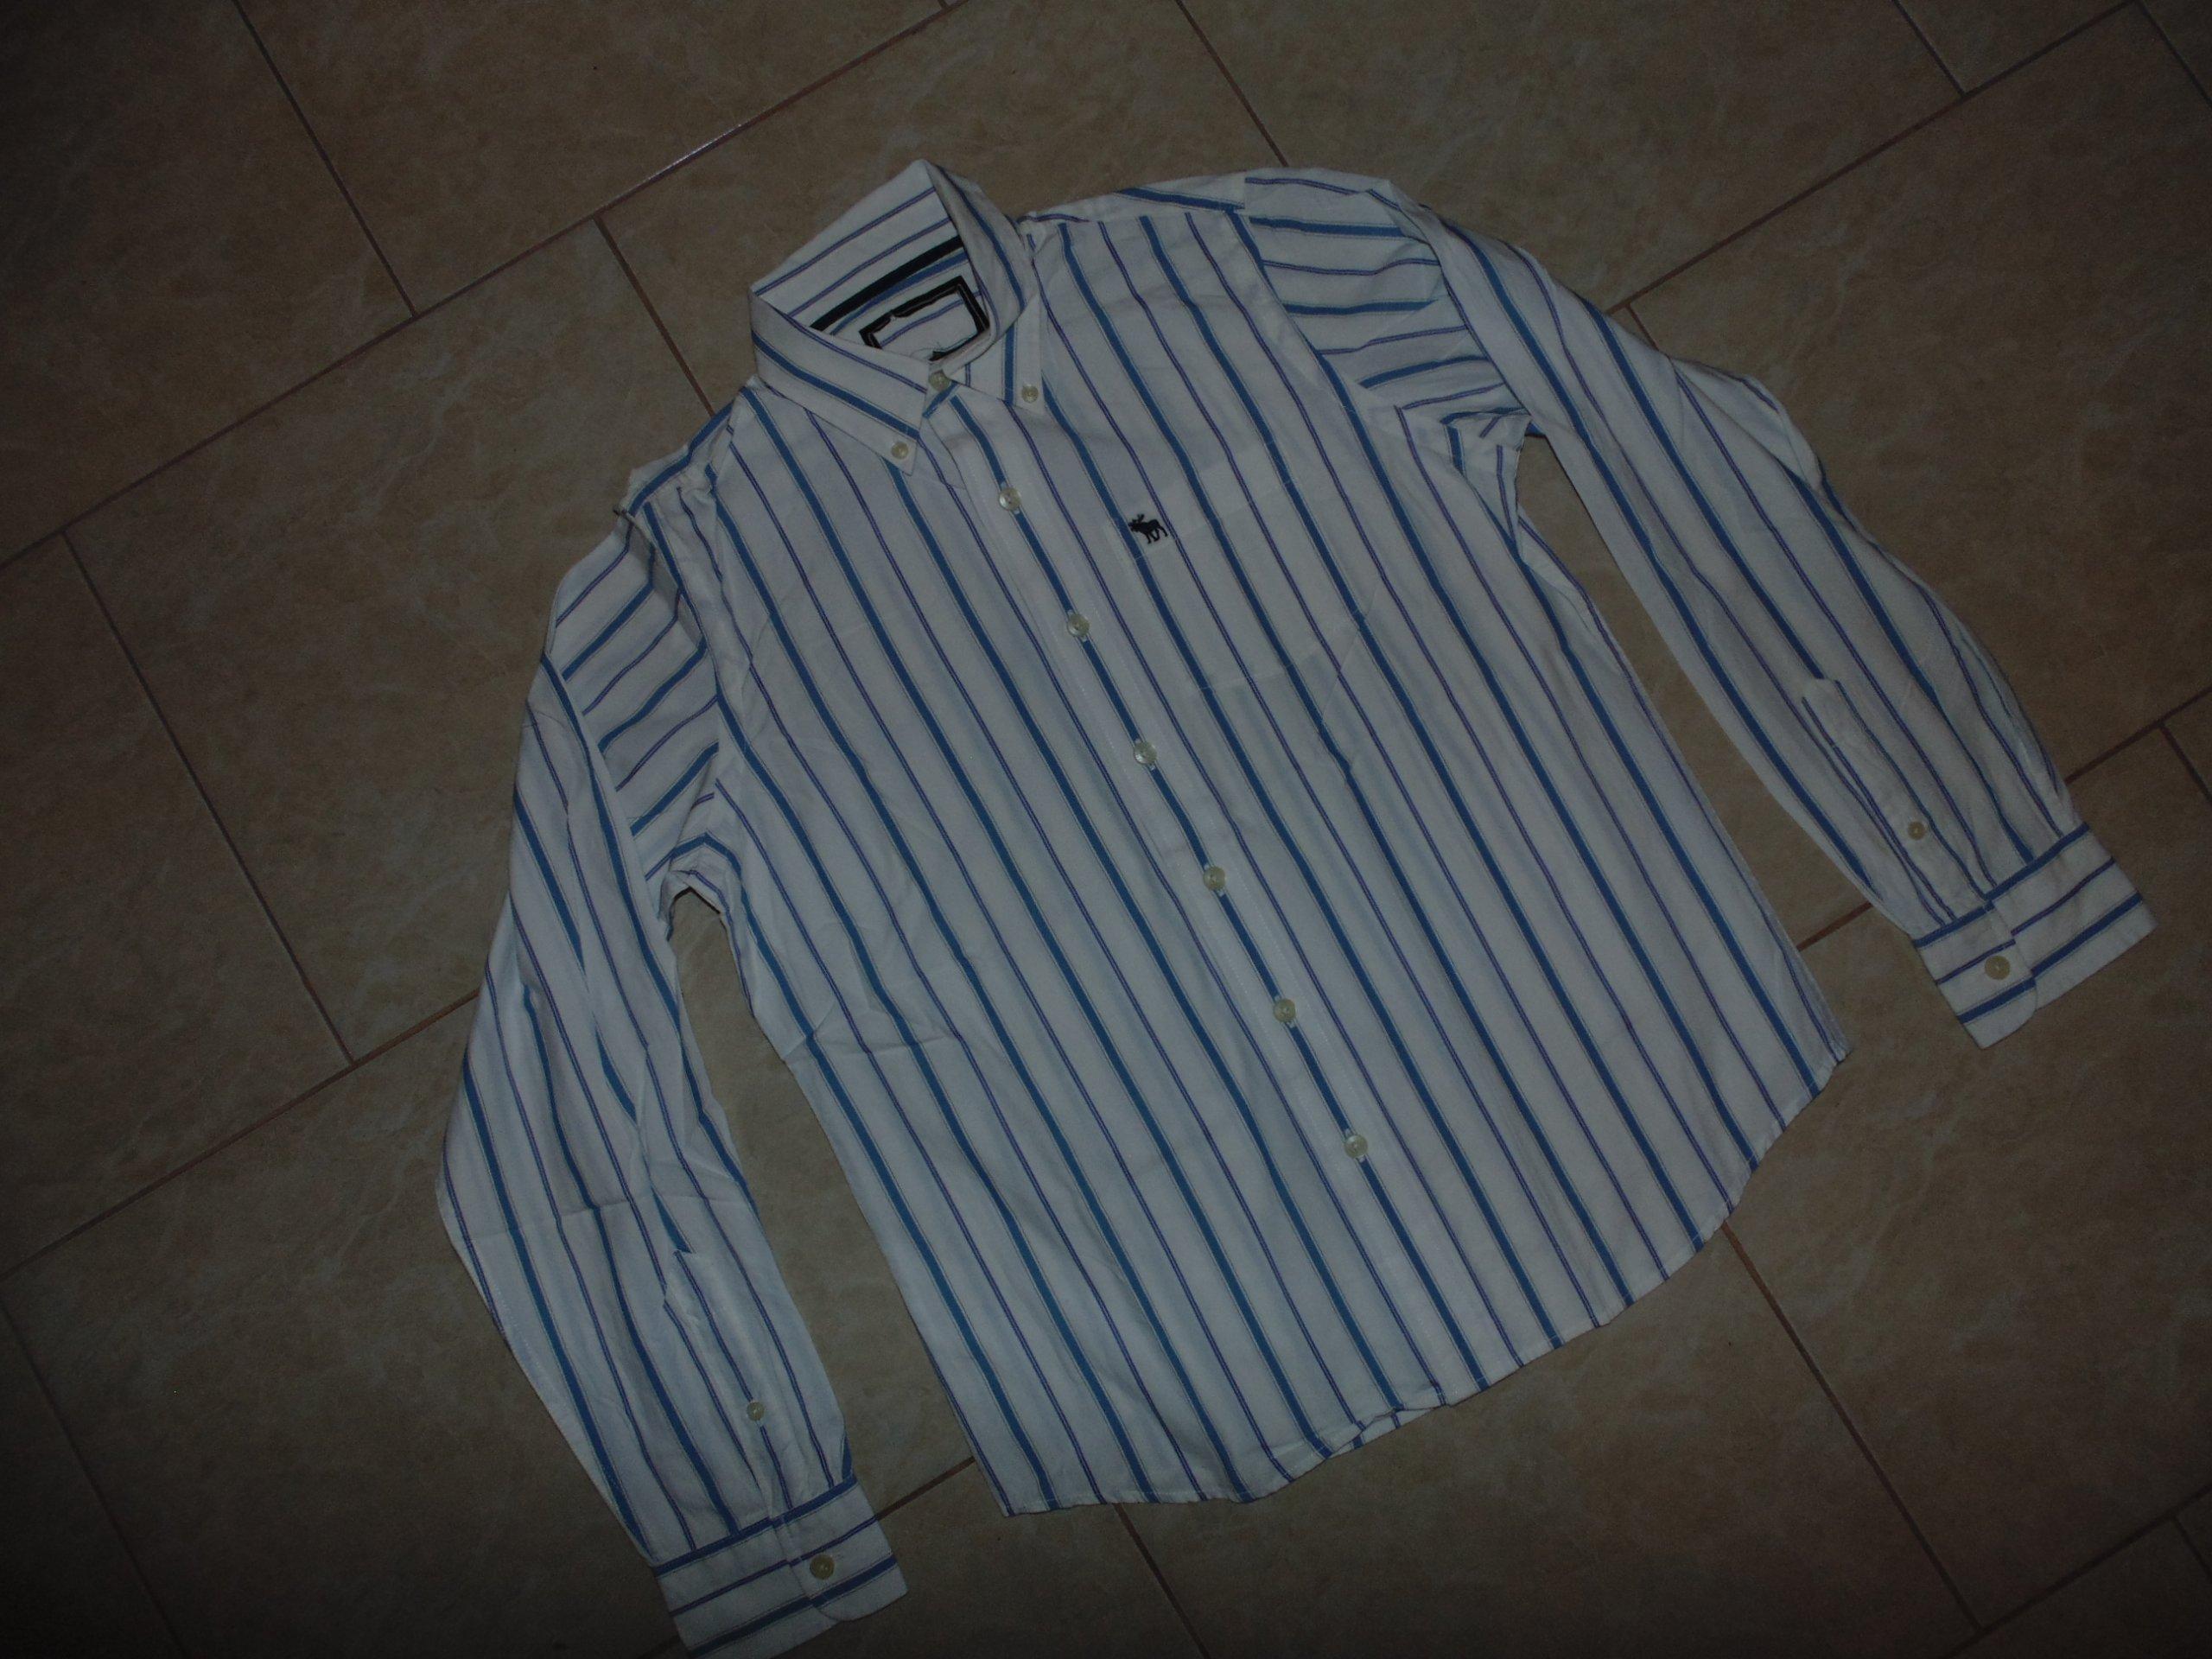 Koszula Abercrombie Fitch S M Hollister WYPRZEDAŻ